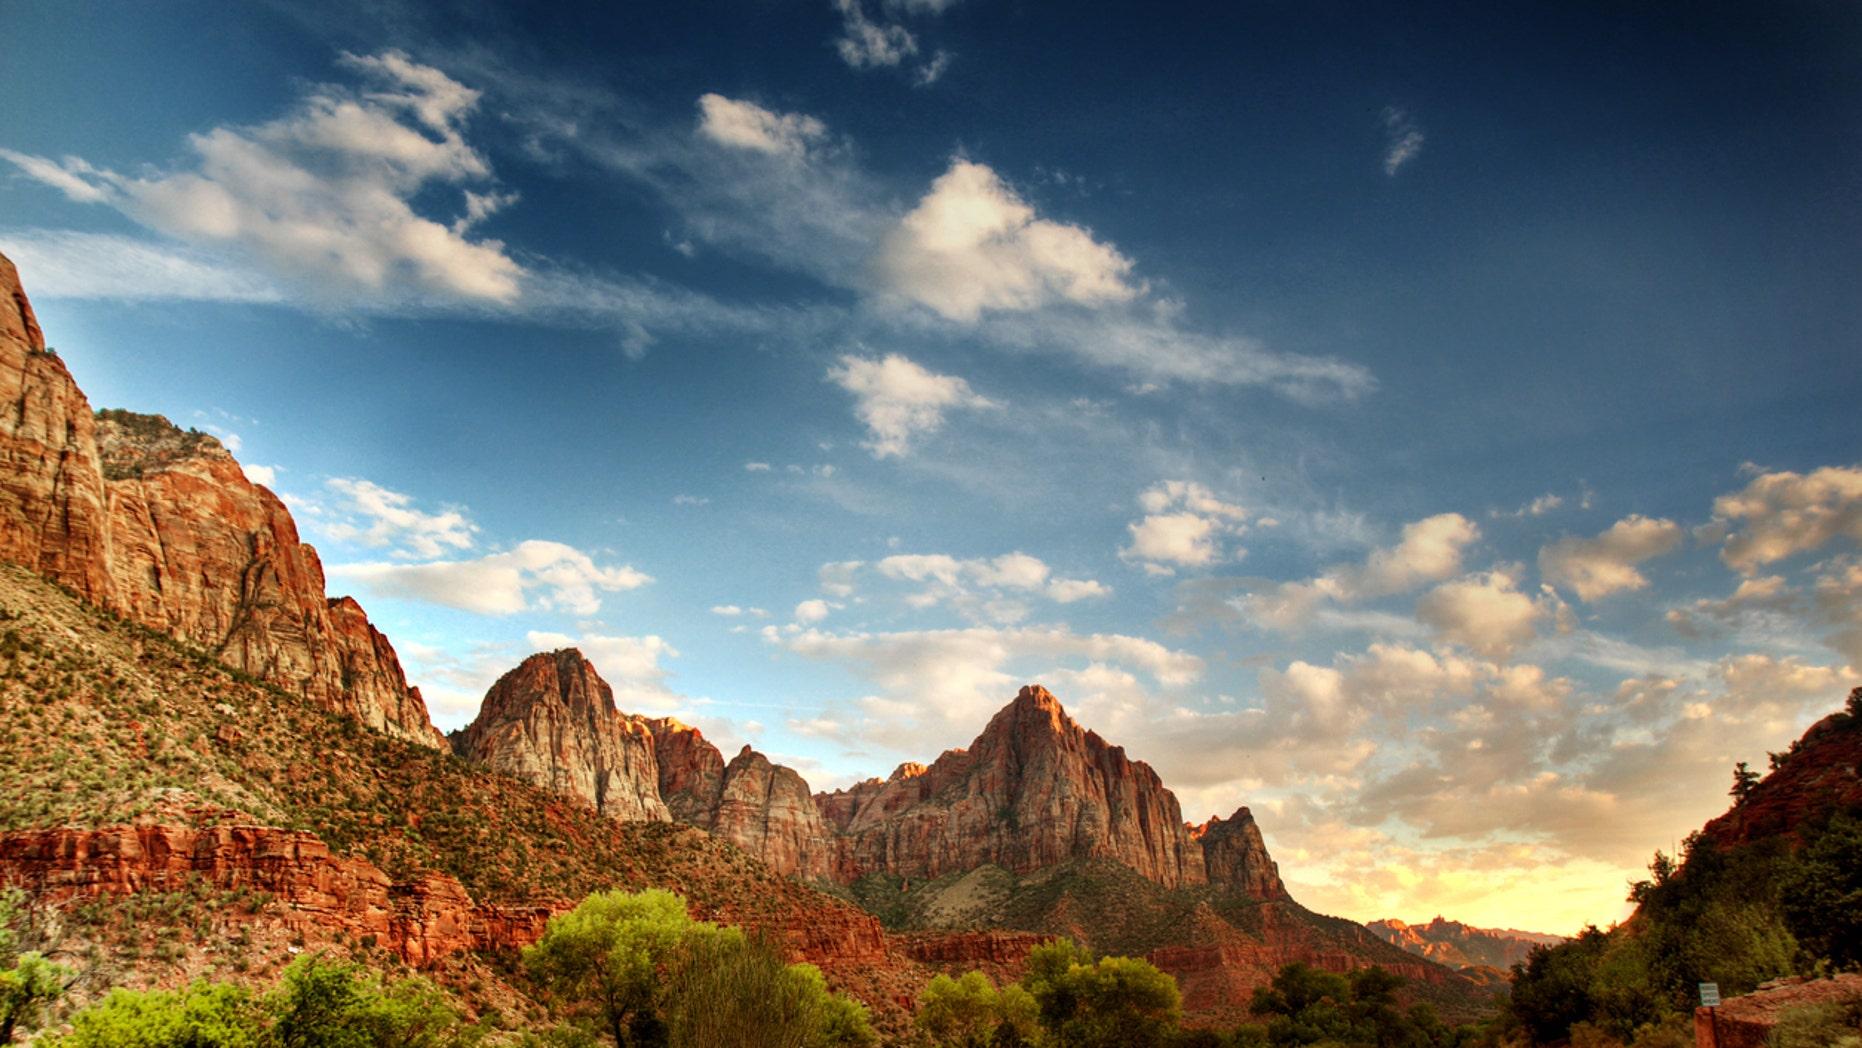 FILE -- Zion National Park